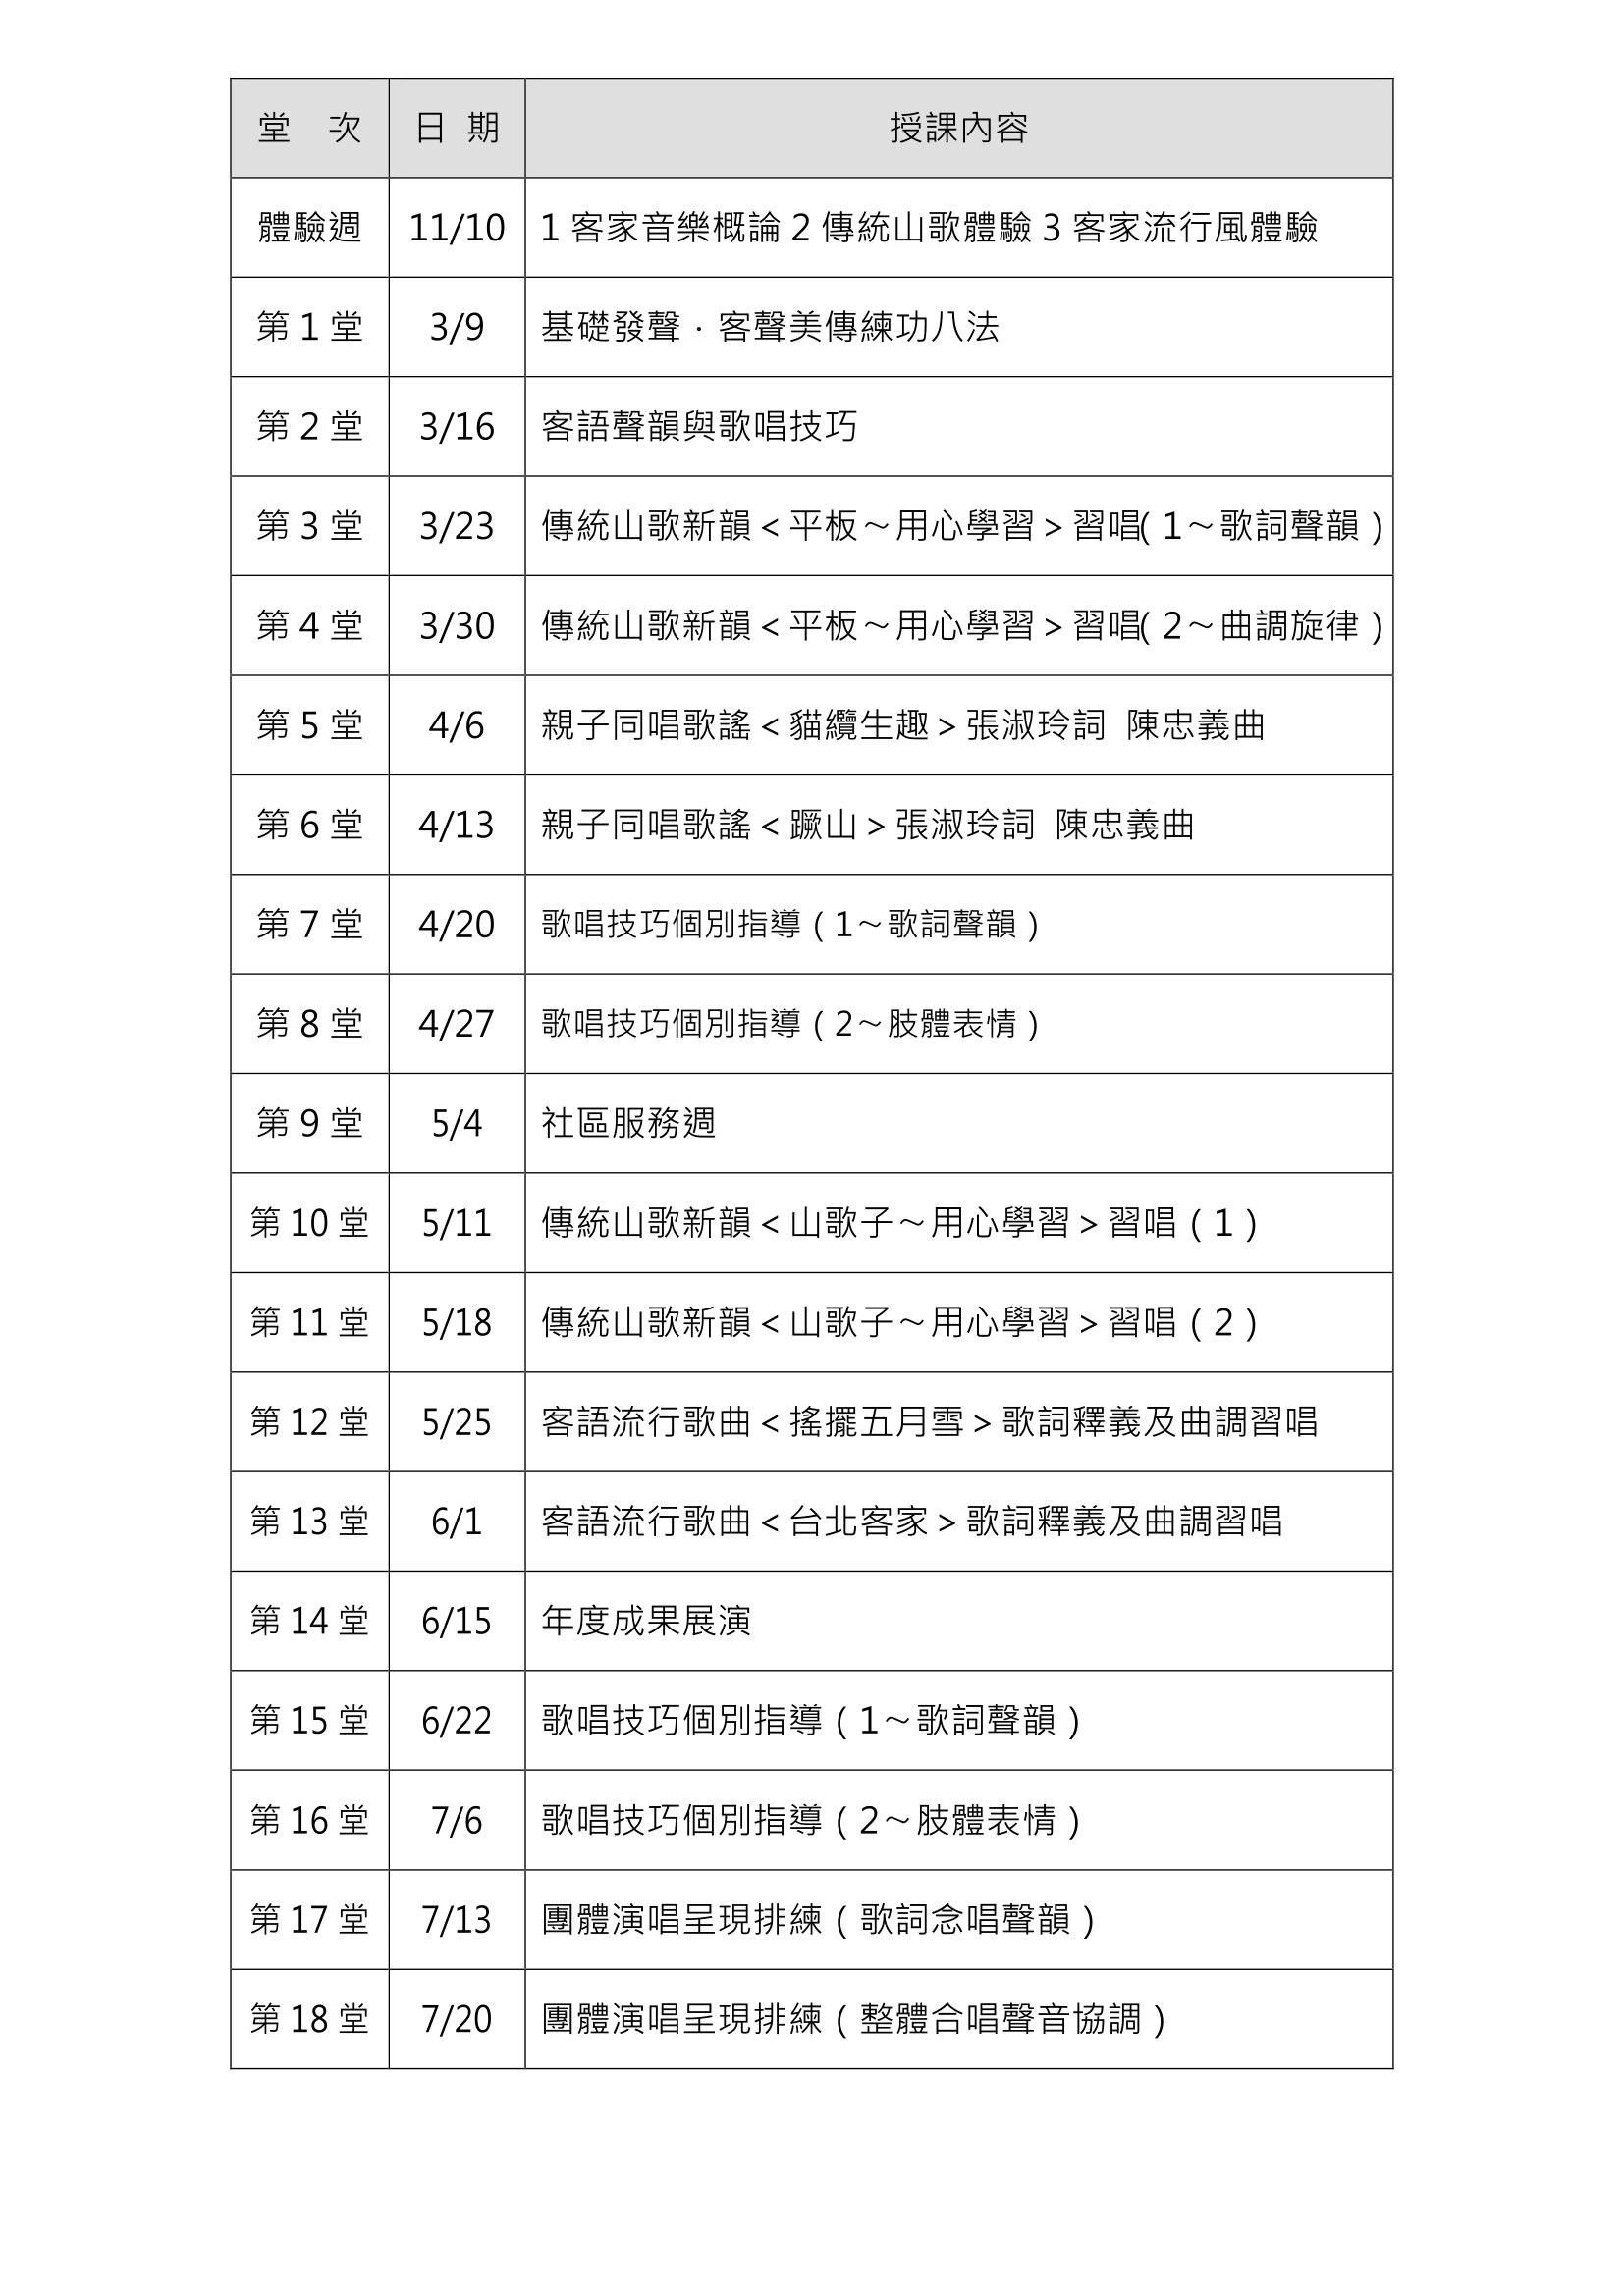 臺北客家推廣教育中心 108-1 E-6 課程大綱.png